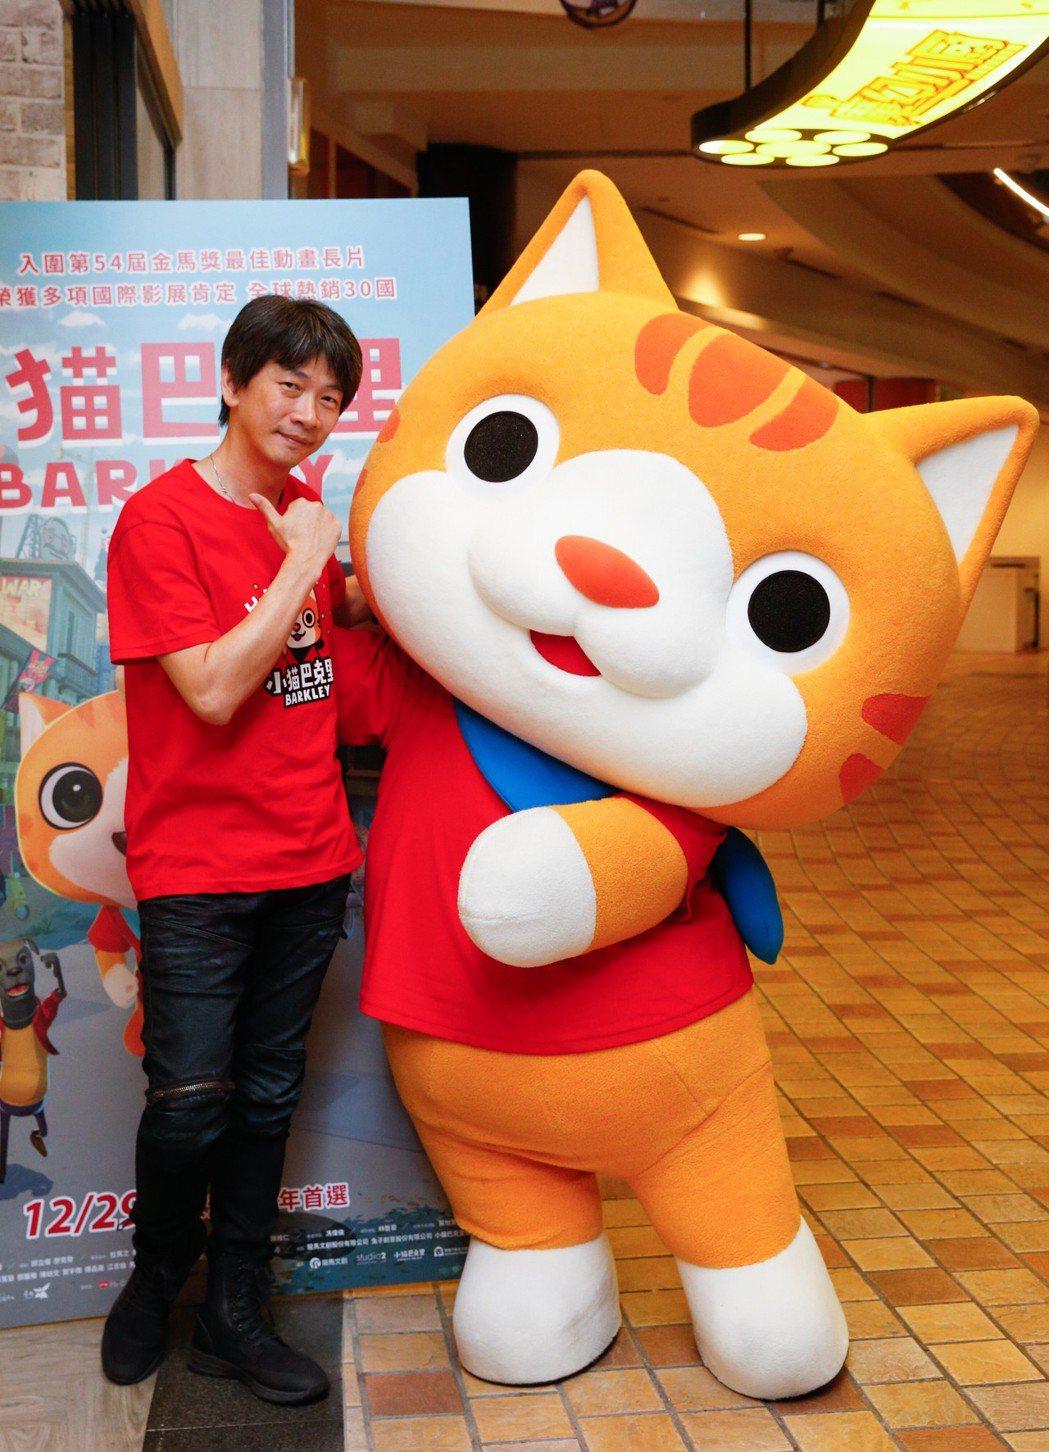 台灣原創動畫電影《小貓巴克里》即將上映,下午在京華城電影院舉行首場試片會,導演邱...